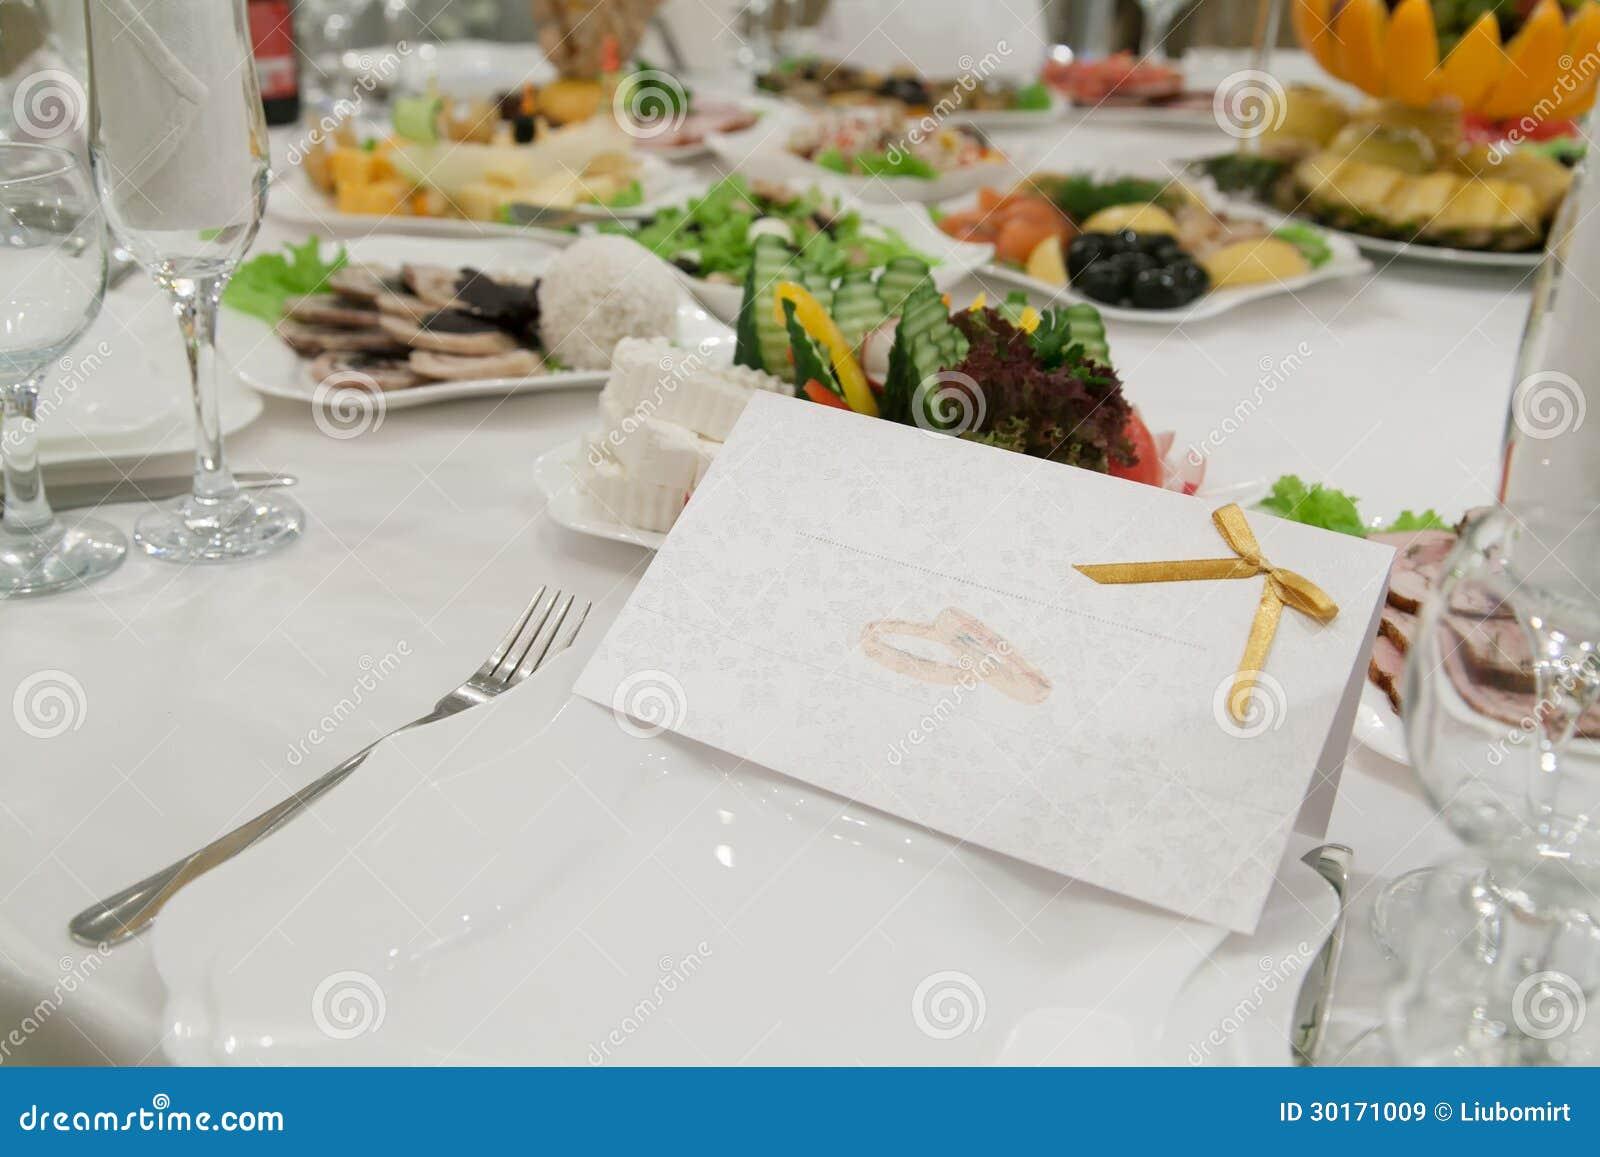 Invitation vide de mariage image stock image du caf - Restaurant carte sur table cavaillon ...